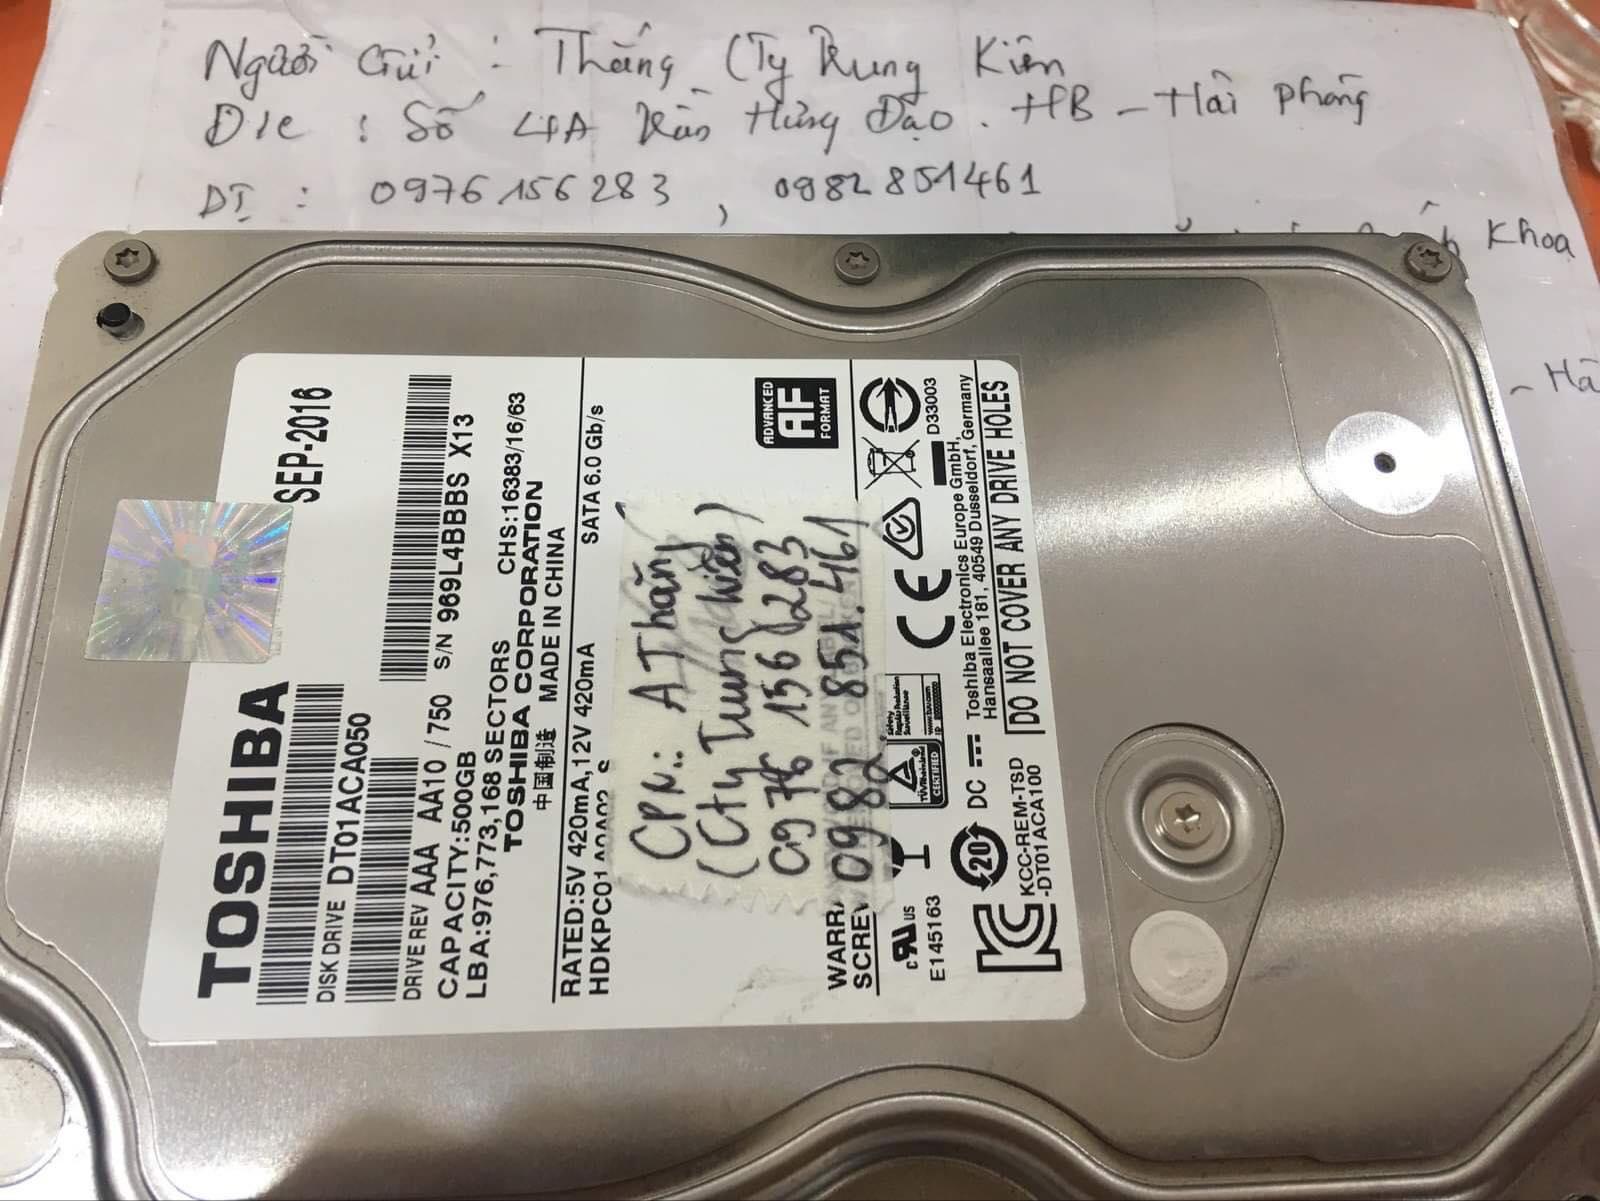 Phục hồi dữ liệu ổ cứng Toshiba 500GB lỗi đầu đọc tại Hải Phòng 23/08/2019 - cuumaytinh